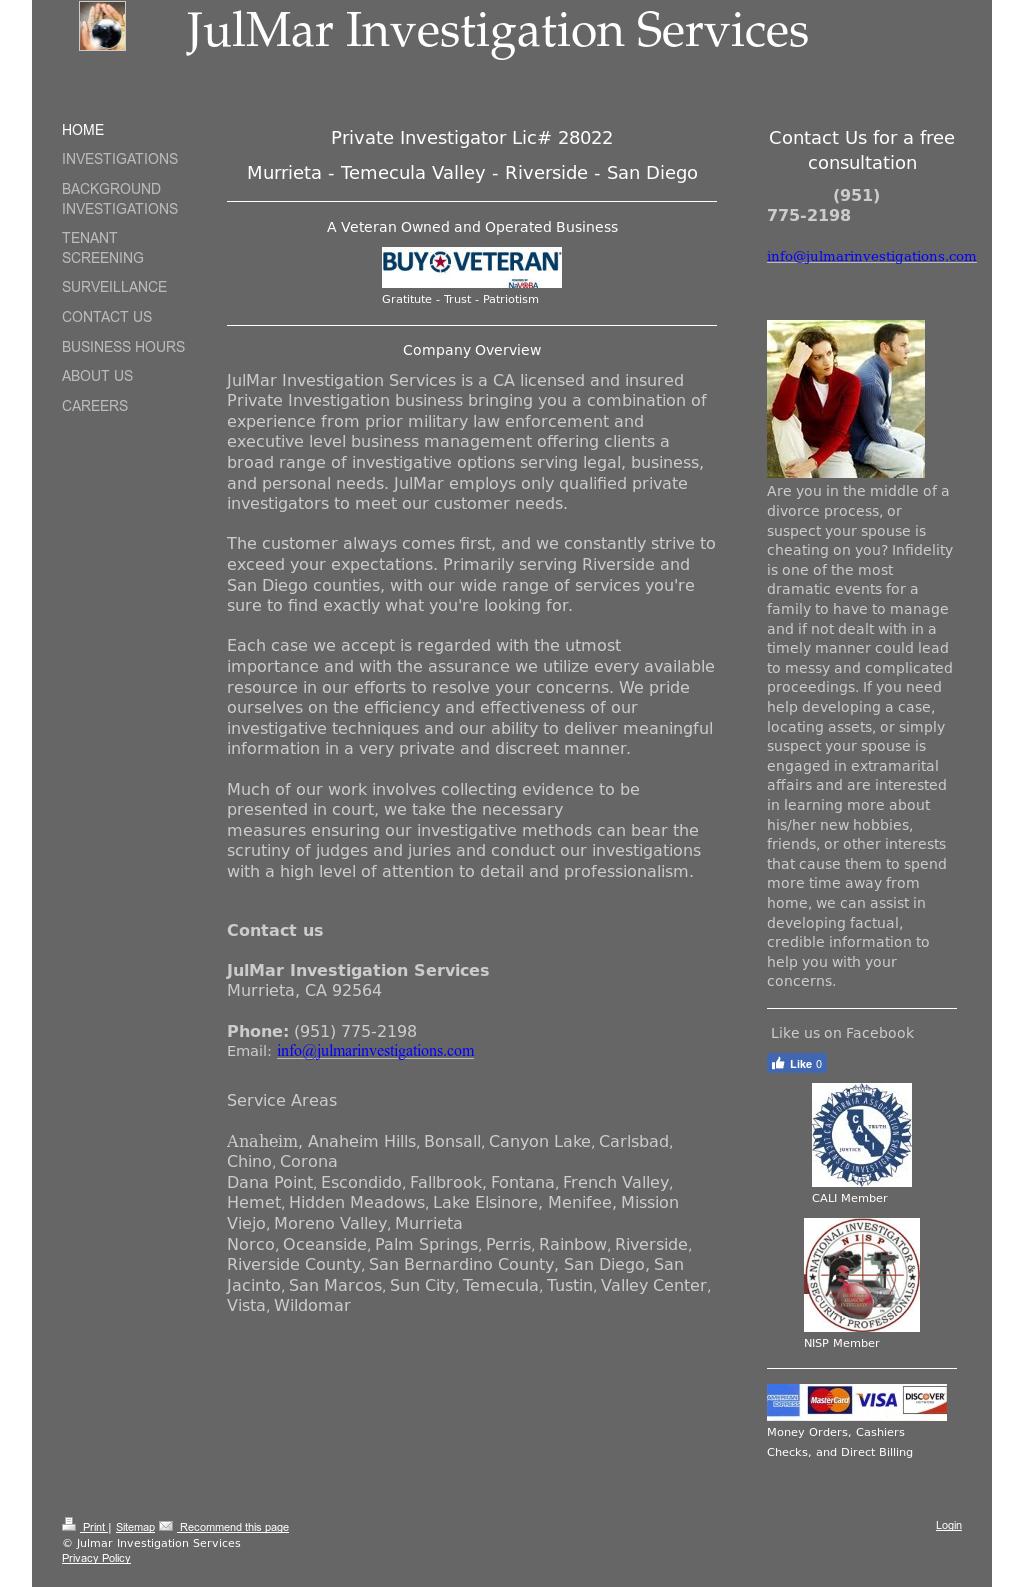 Julmar Investigation Services Competitors, Revenue and